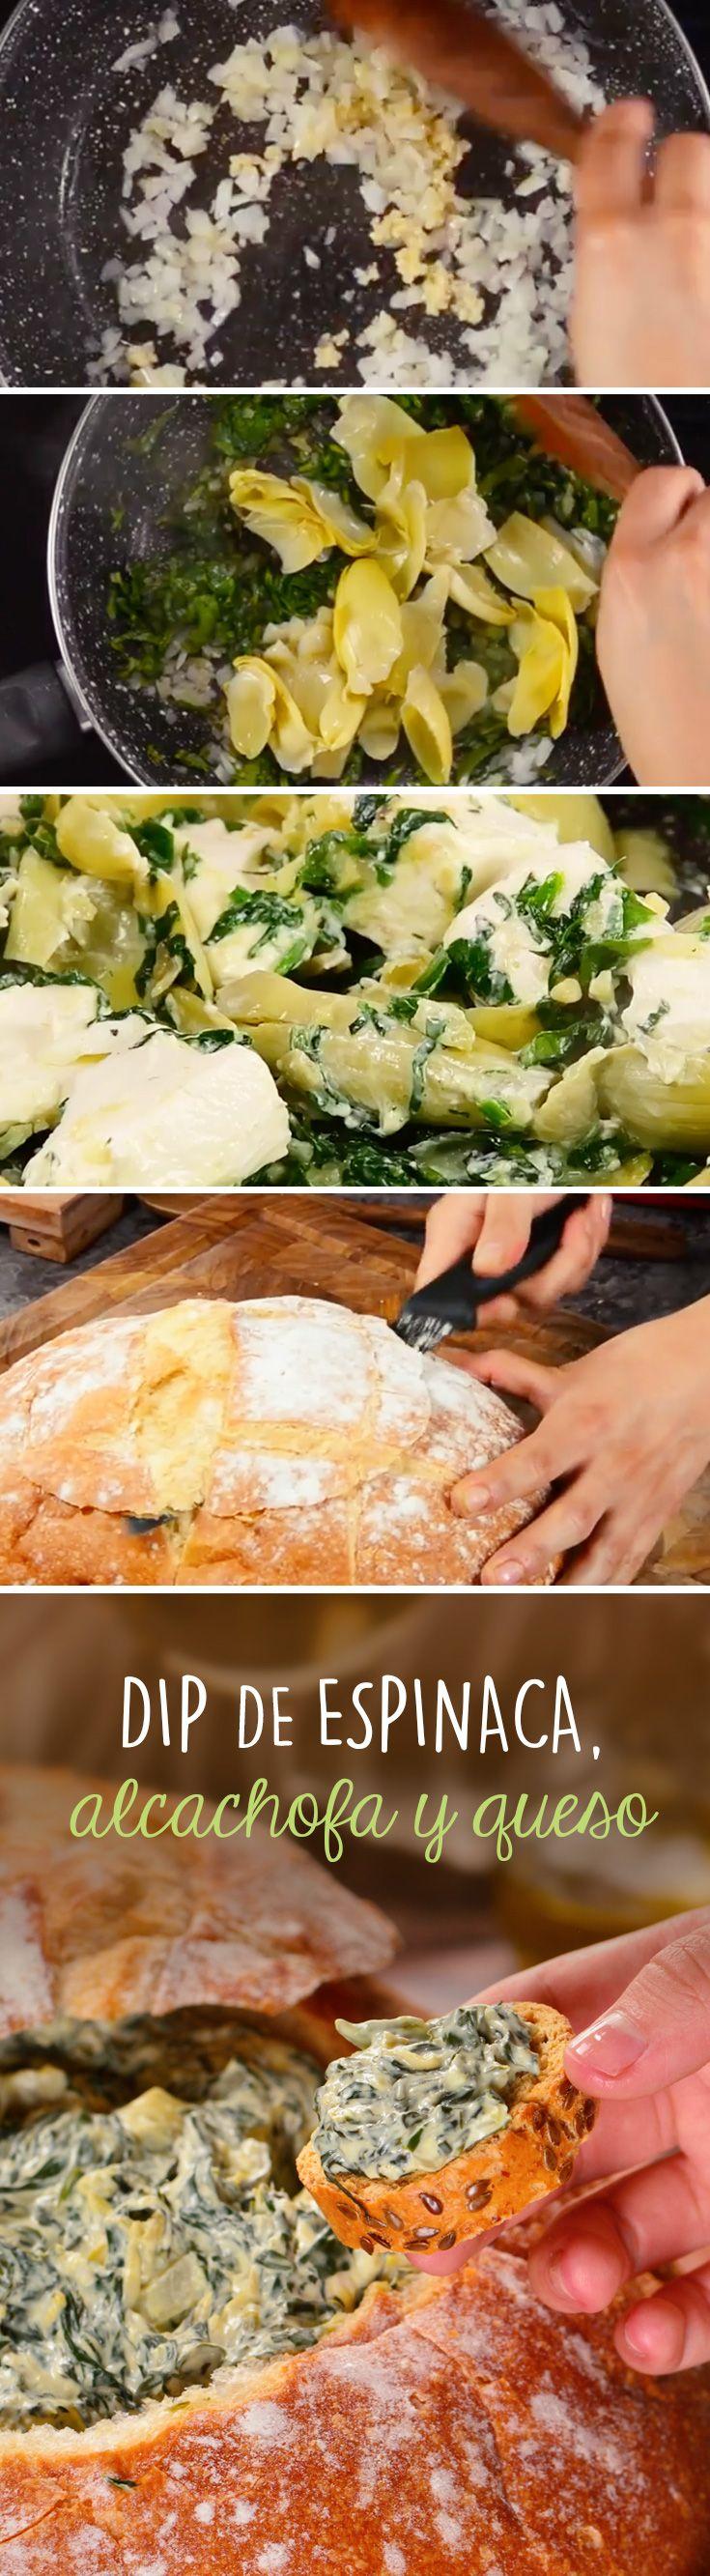 Este dip de quesos con espinaca y alcachofa es la botana perfecta para compartir con amigos o disfrutar en un viernes por la noche con tus películas favoritas. ¡Sírvelo en pan de campiña calientito!